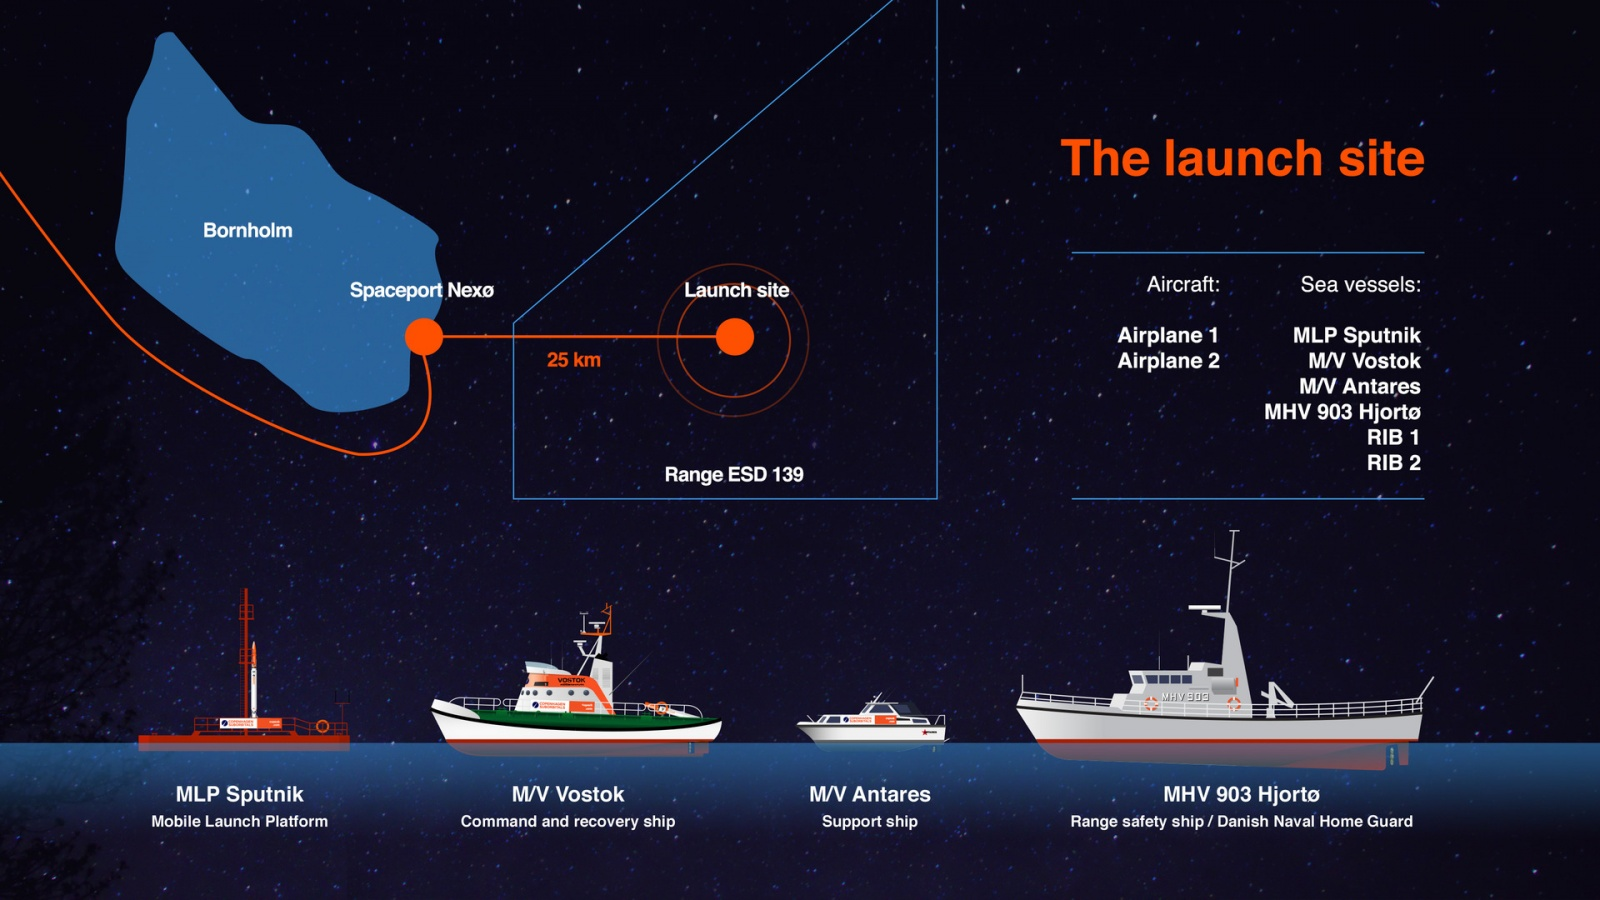 [Обновлено] Copenhagen Suborbitals сегодня запустила очередную суборбитальную ракету - 5